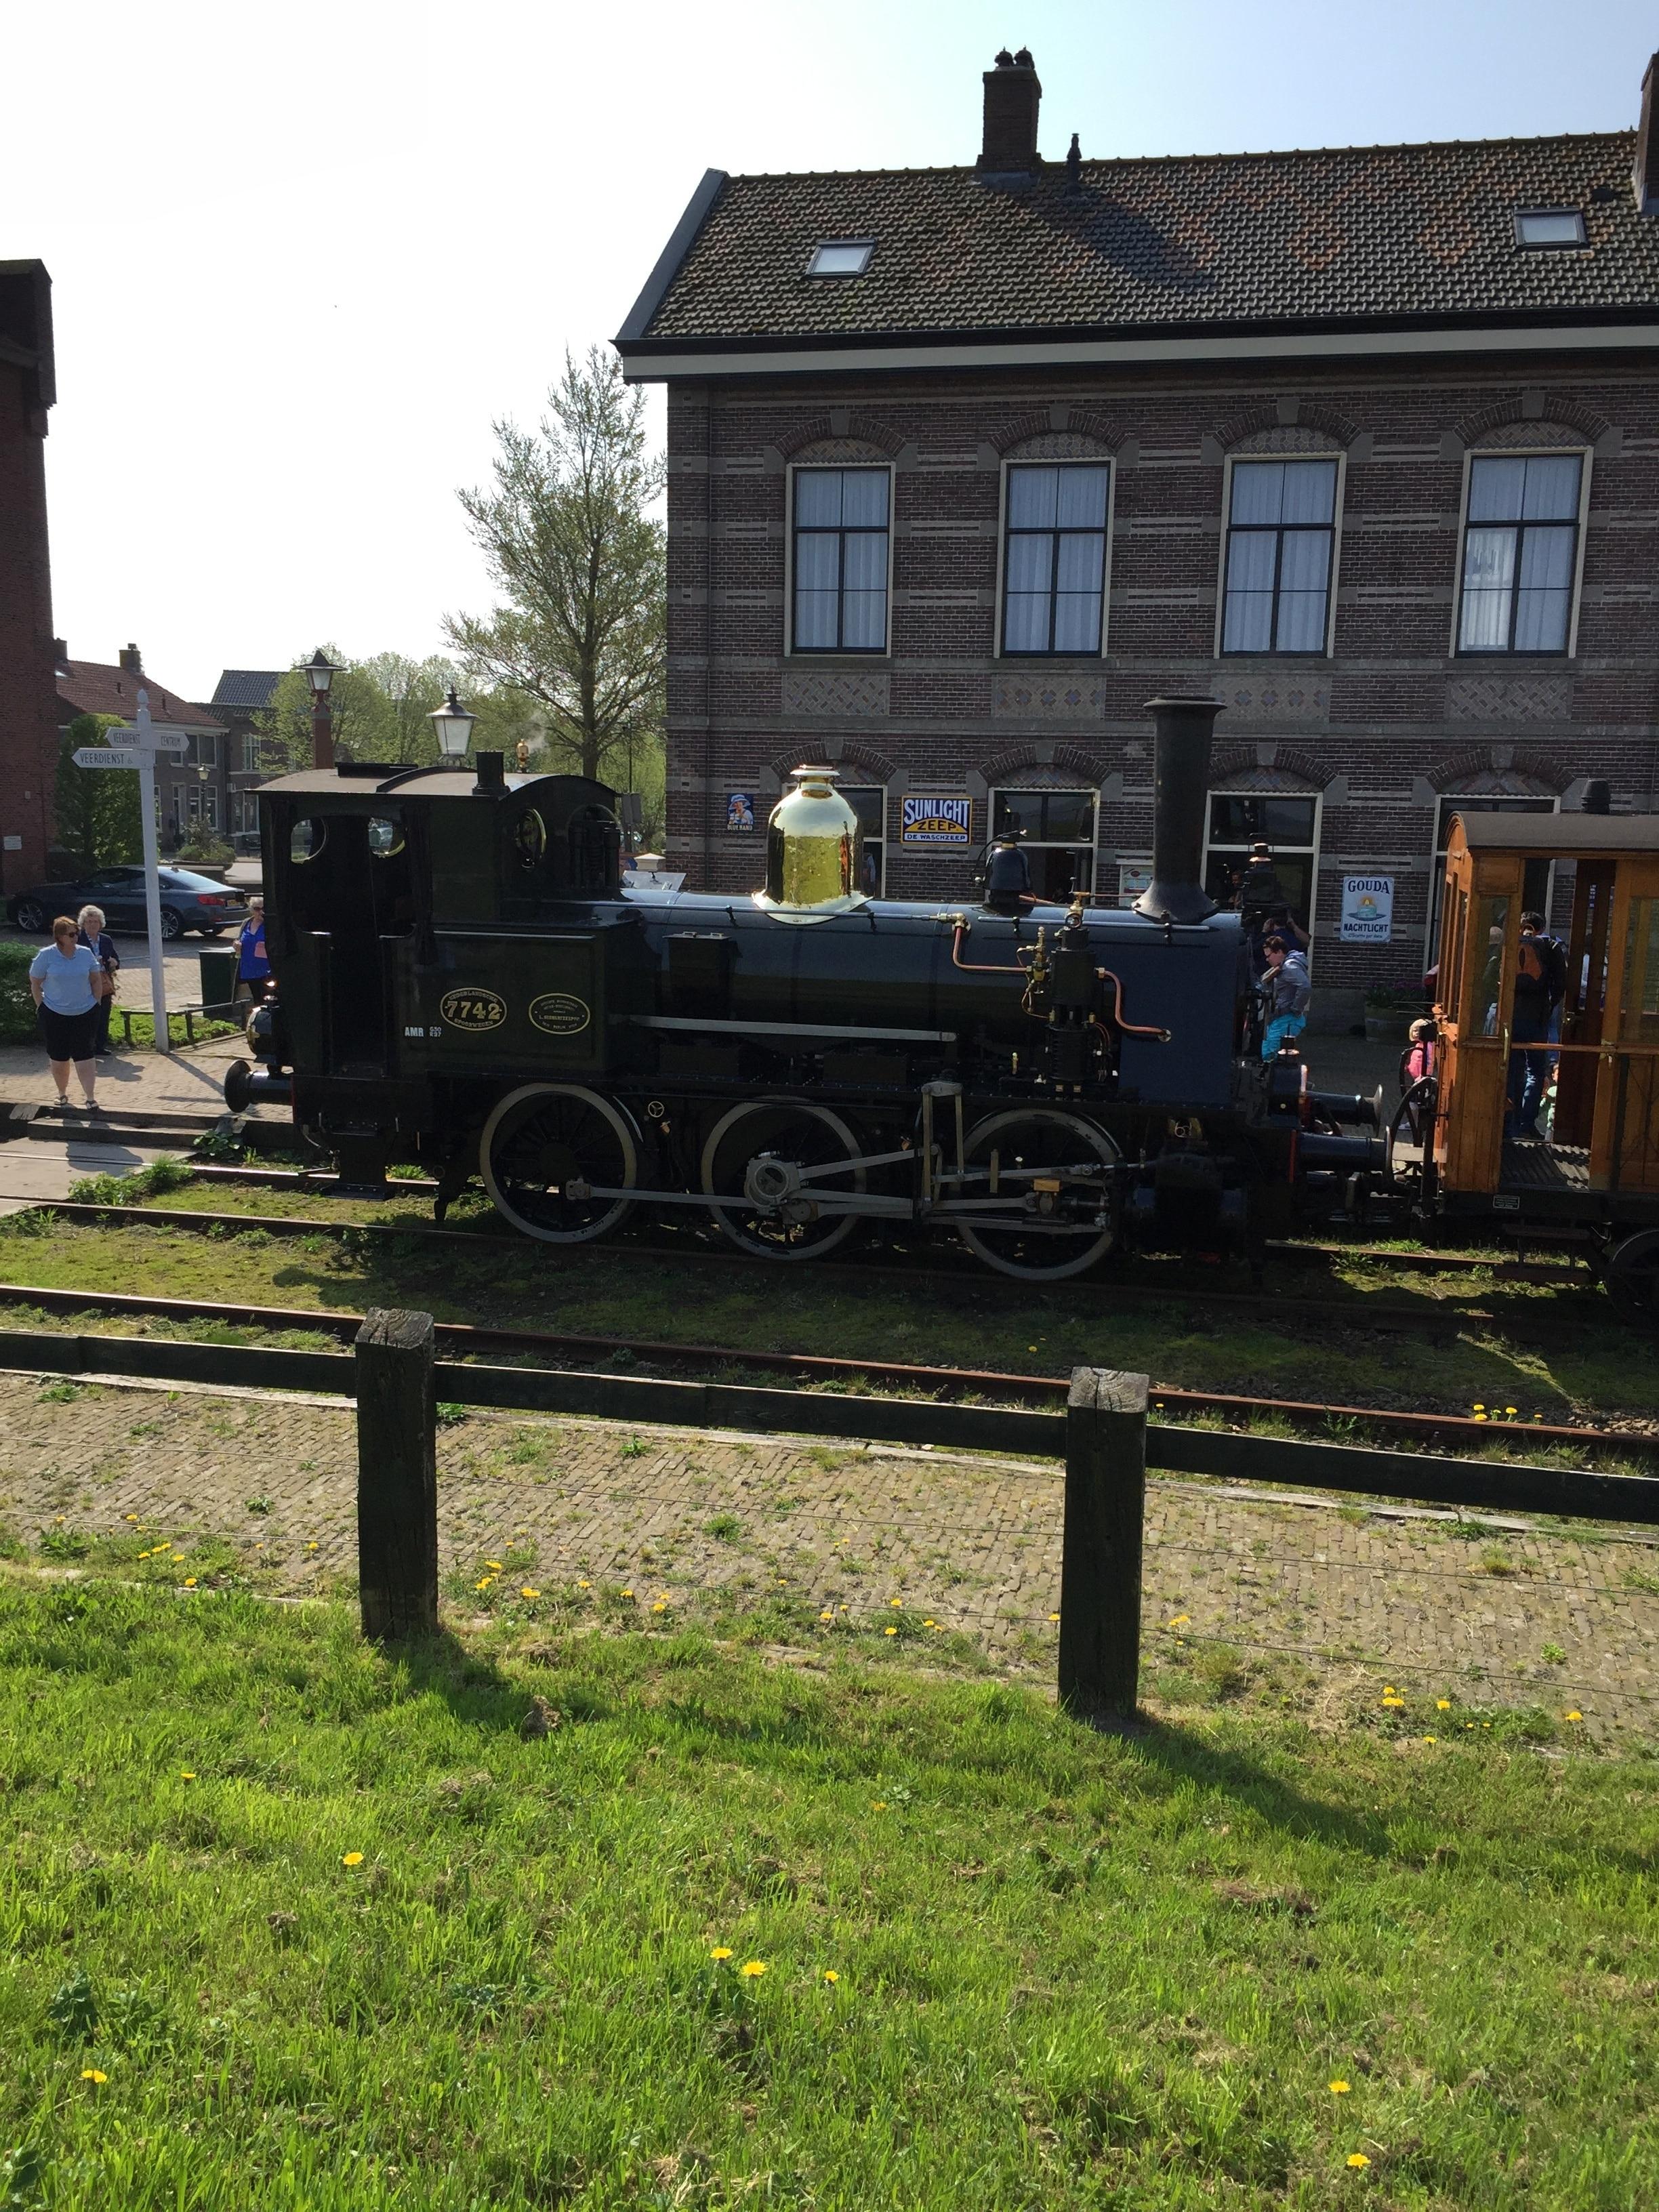 Gemeinde Medemblik, Nordholland, Niederlande